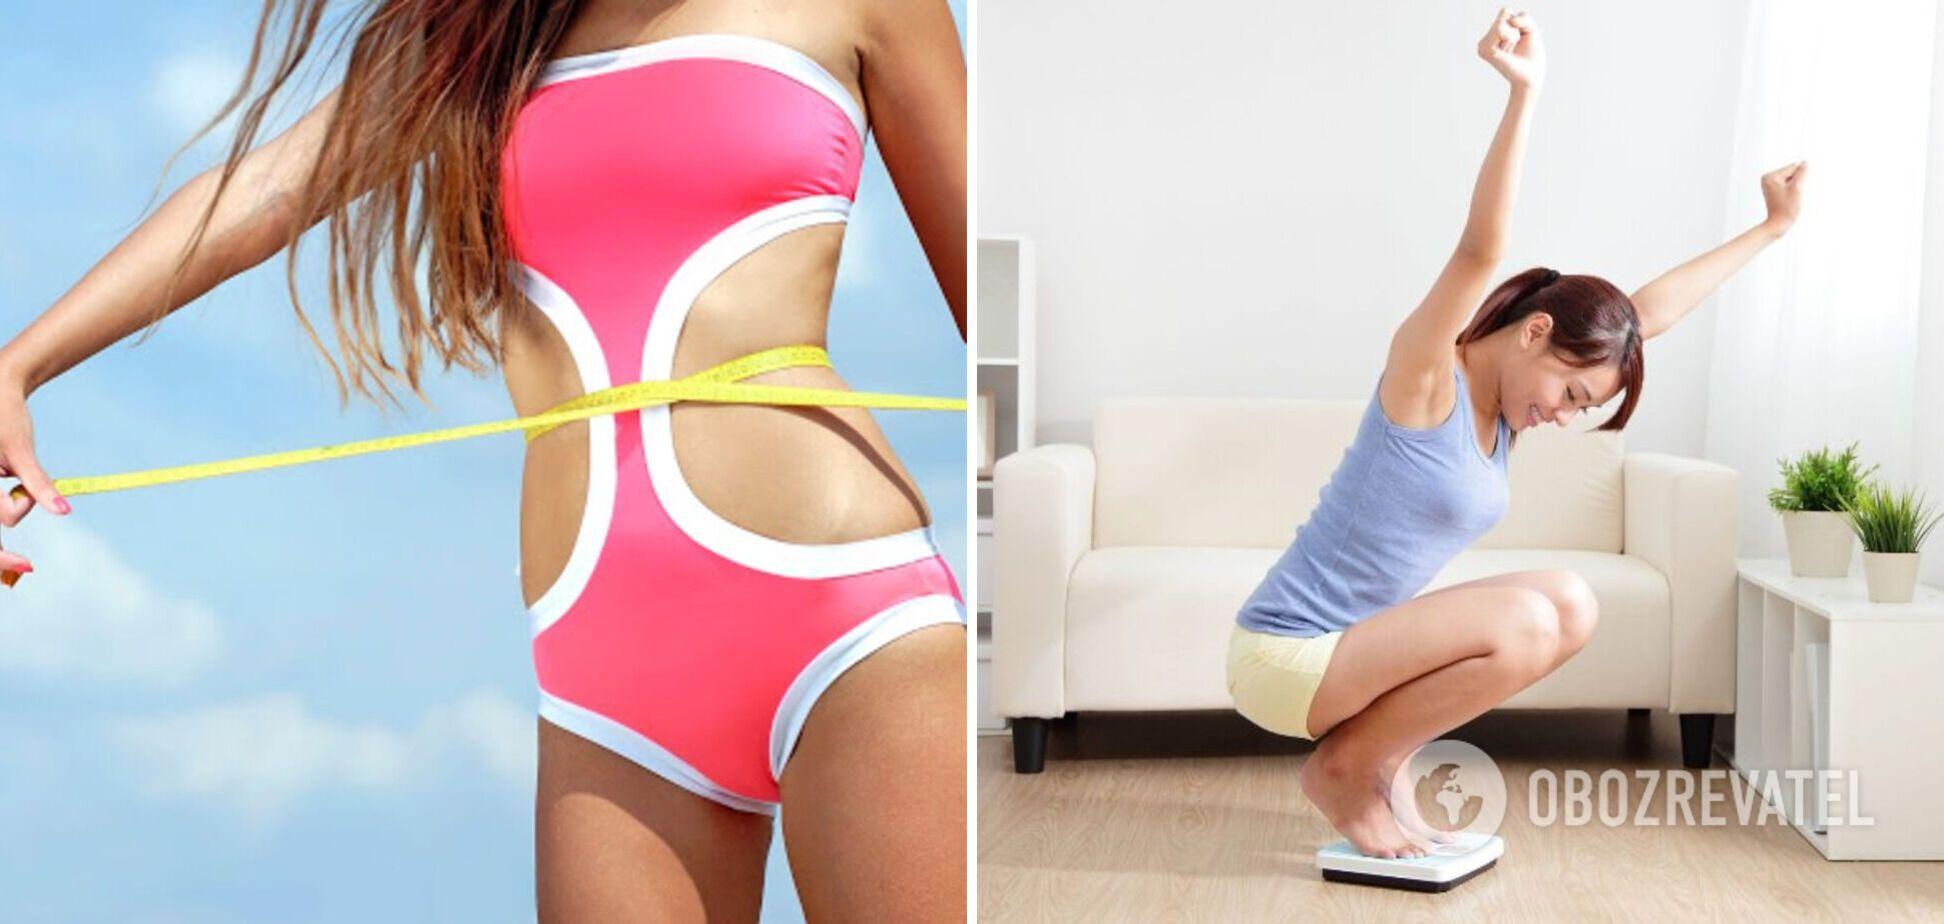 Як утримати вагу без дискомфорту для організму